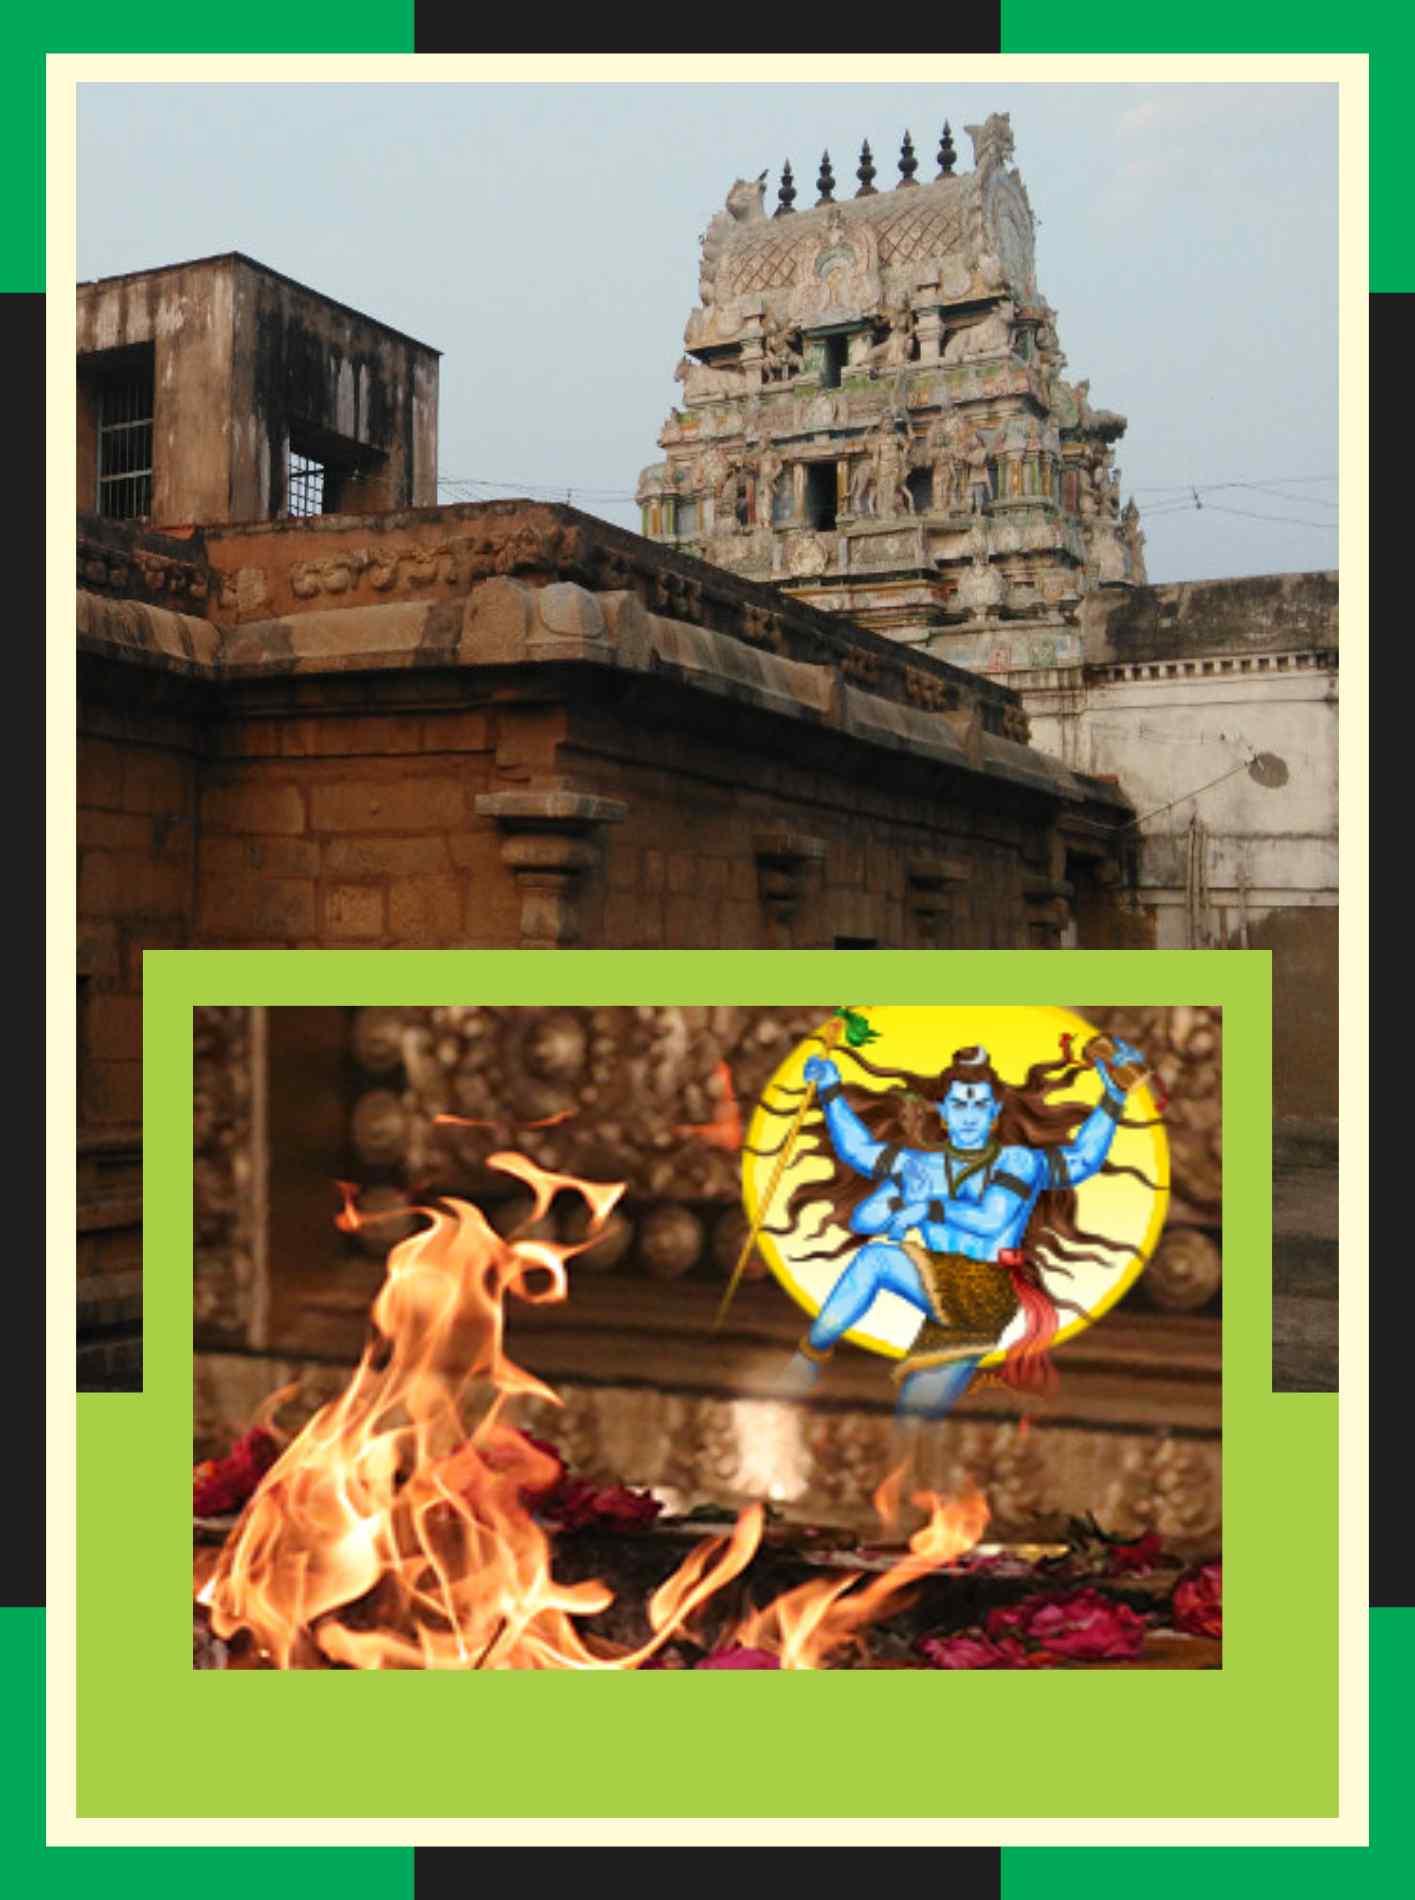 Thirunthudevankudi – Karkadeswarar Temple Rudra Homam for Cancer Relif